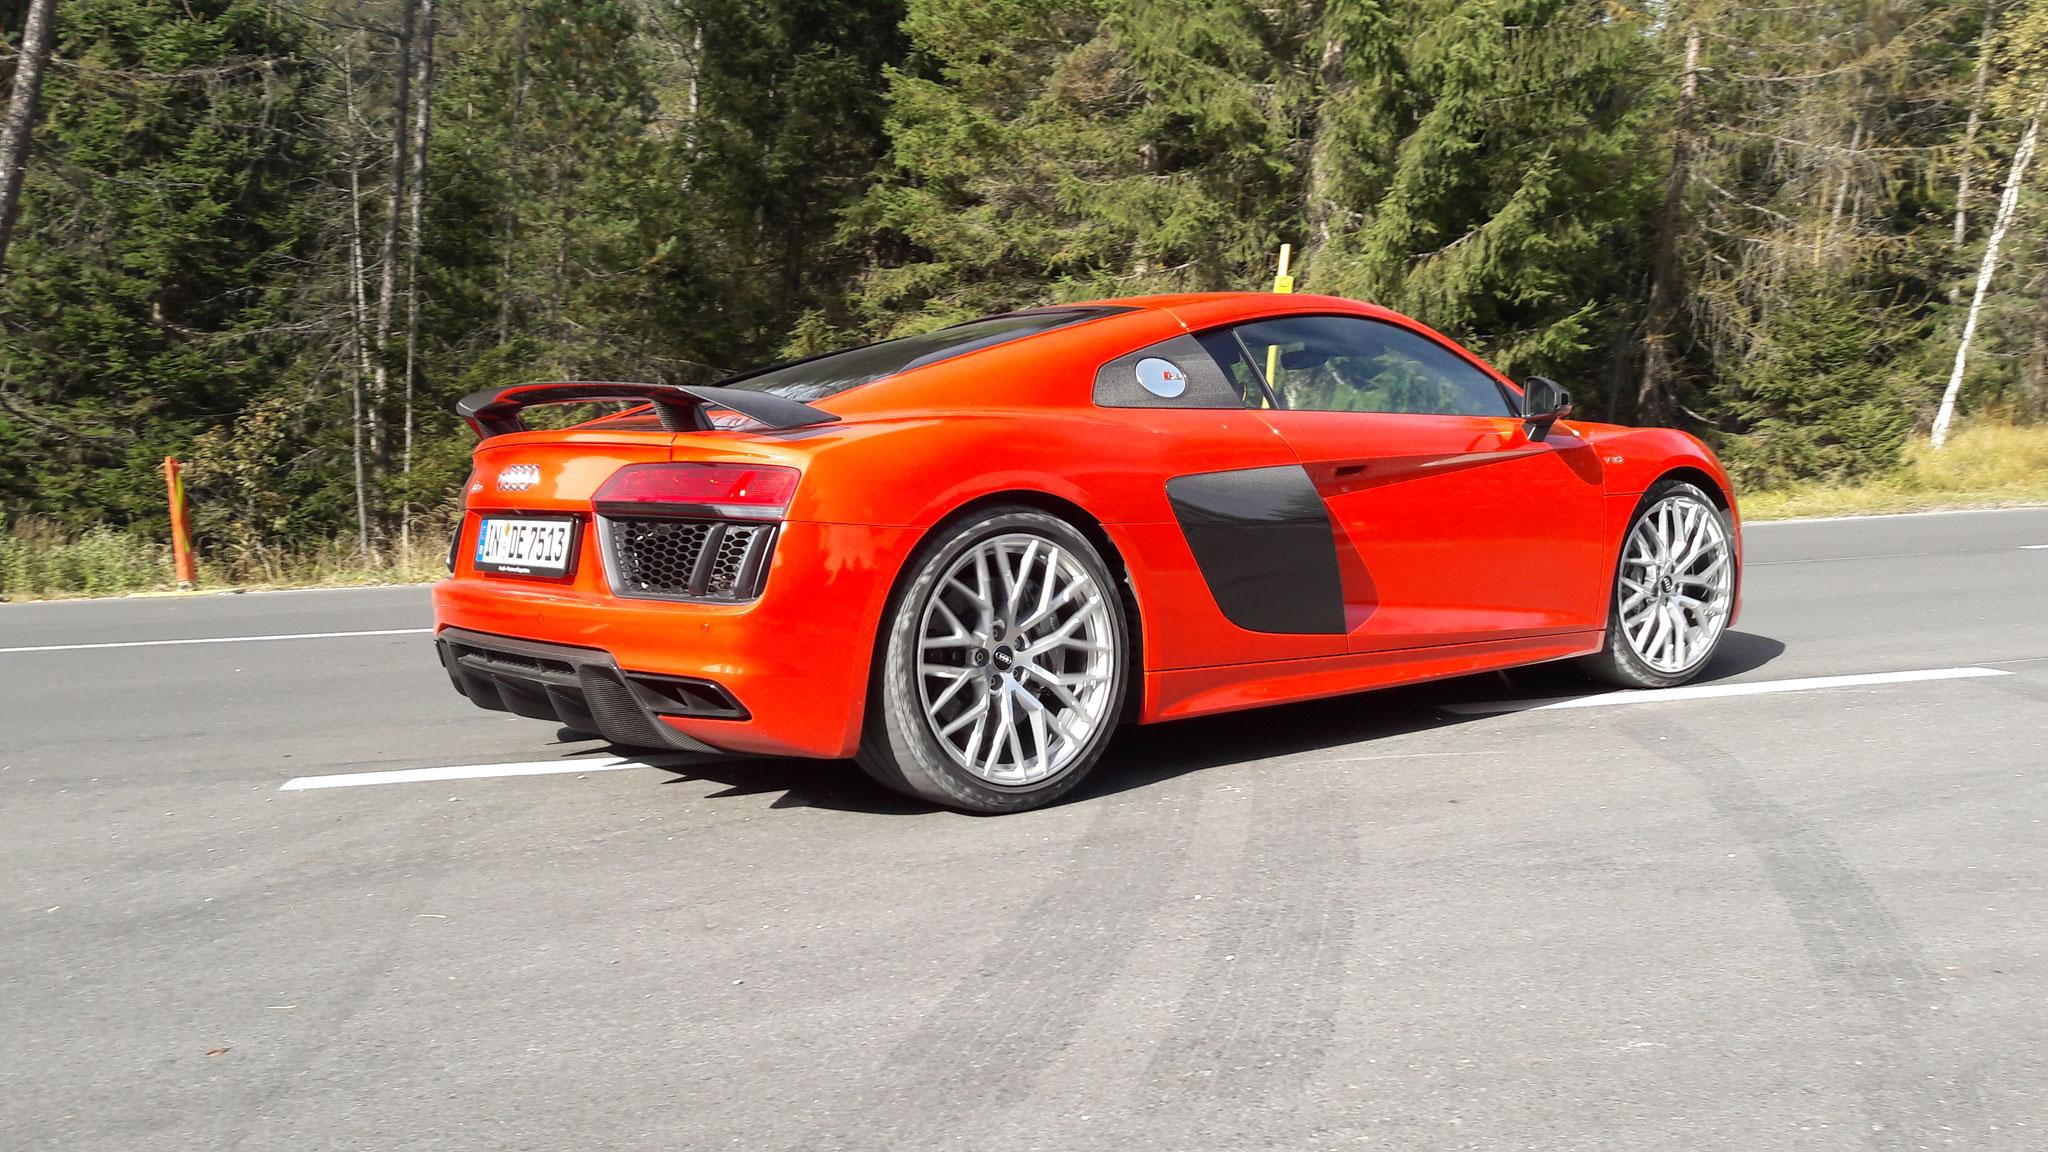 Audi R8 V10 - IN-DE-7513